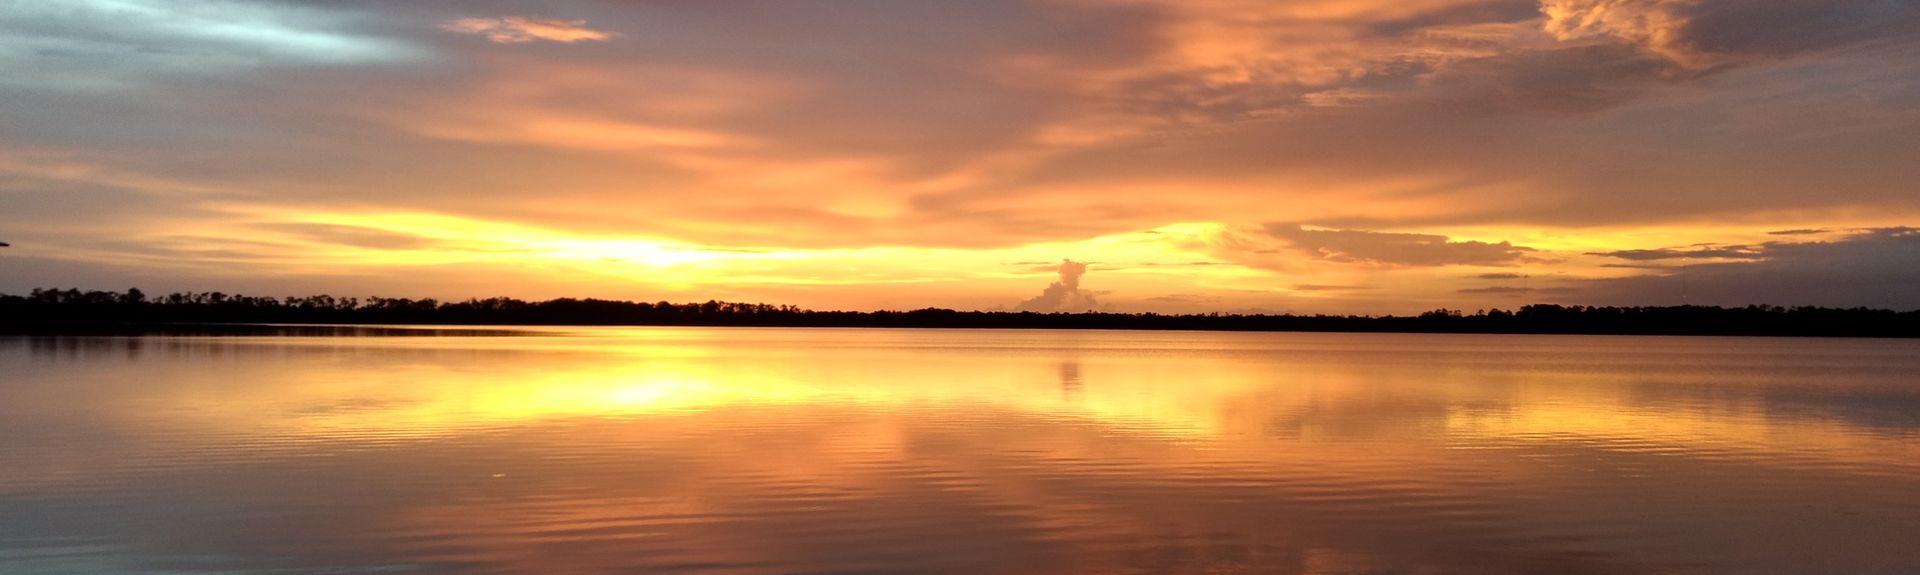 Zolfo Springs, FL, USA